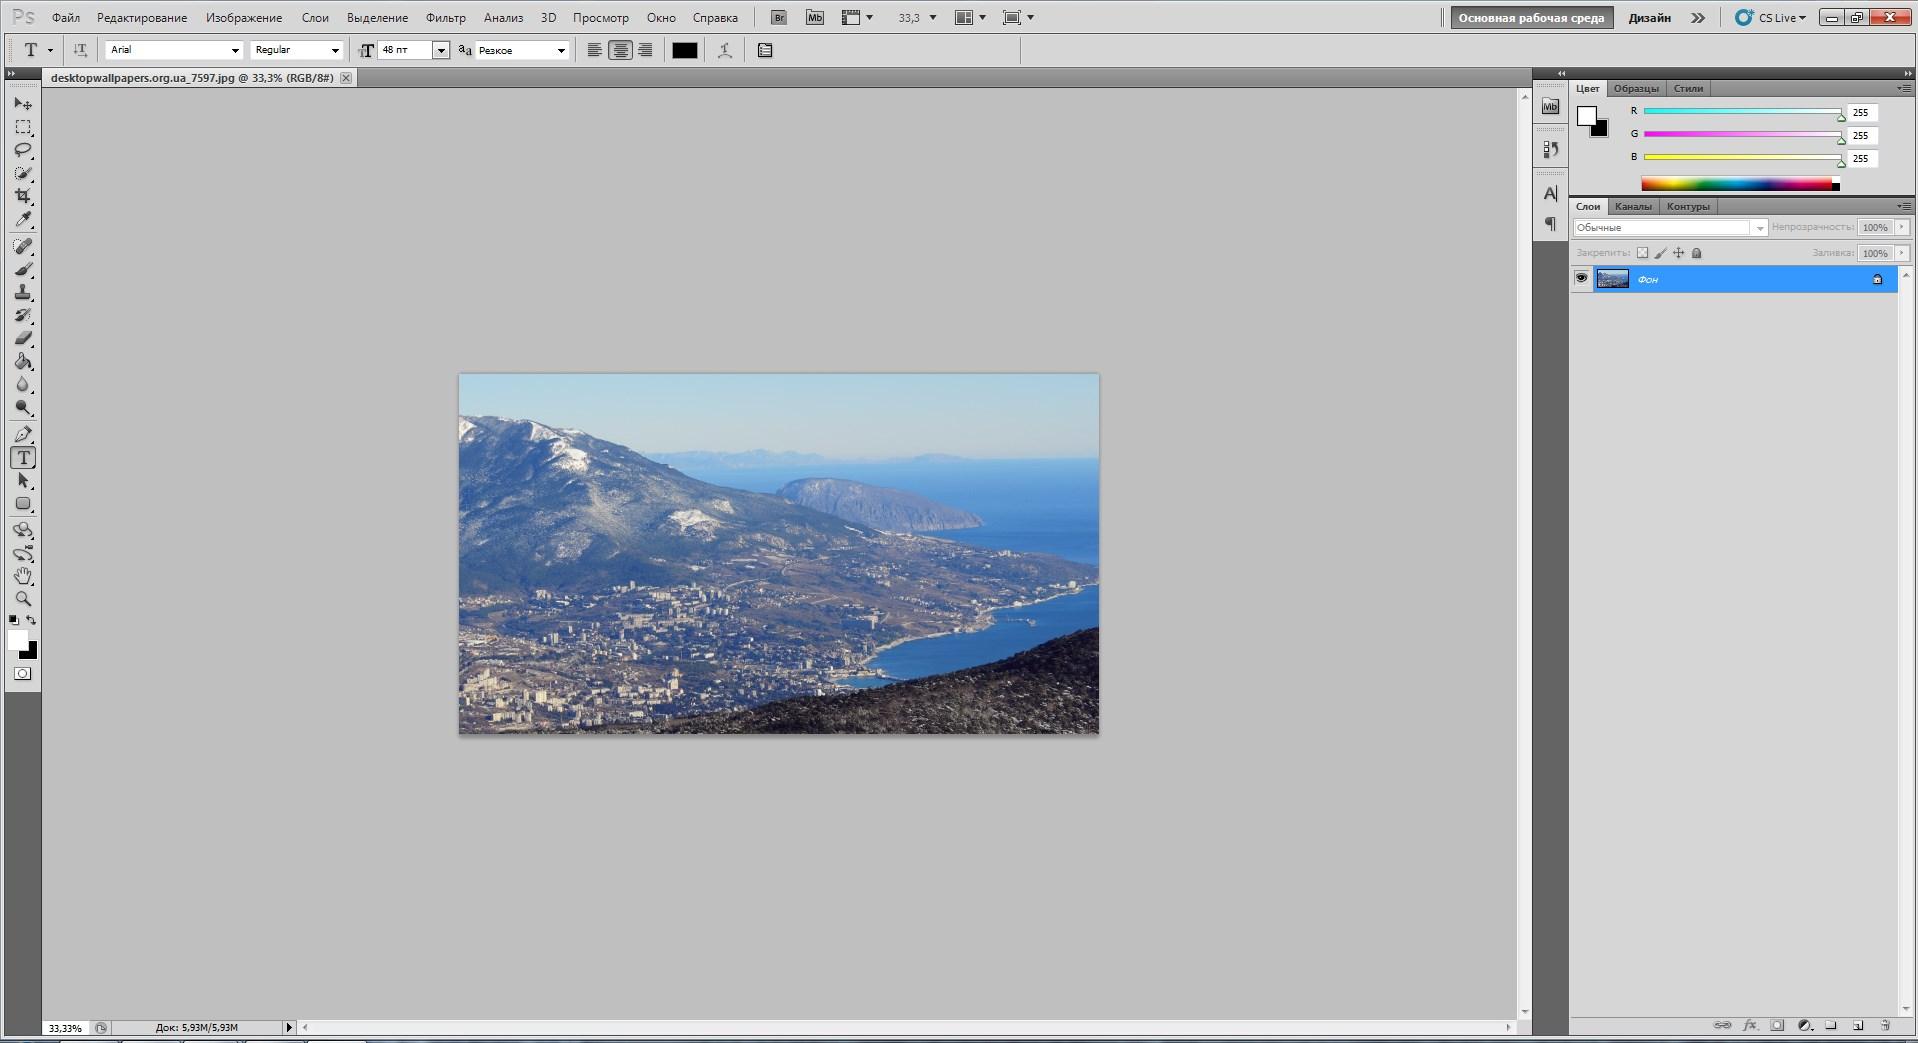 Как увеличить изображение в фотошопе